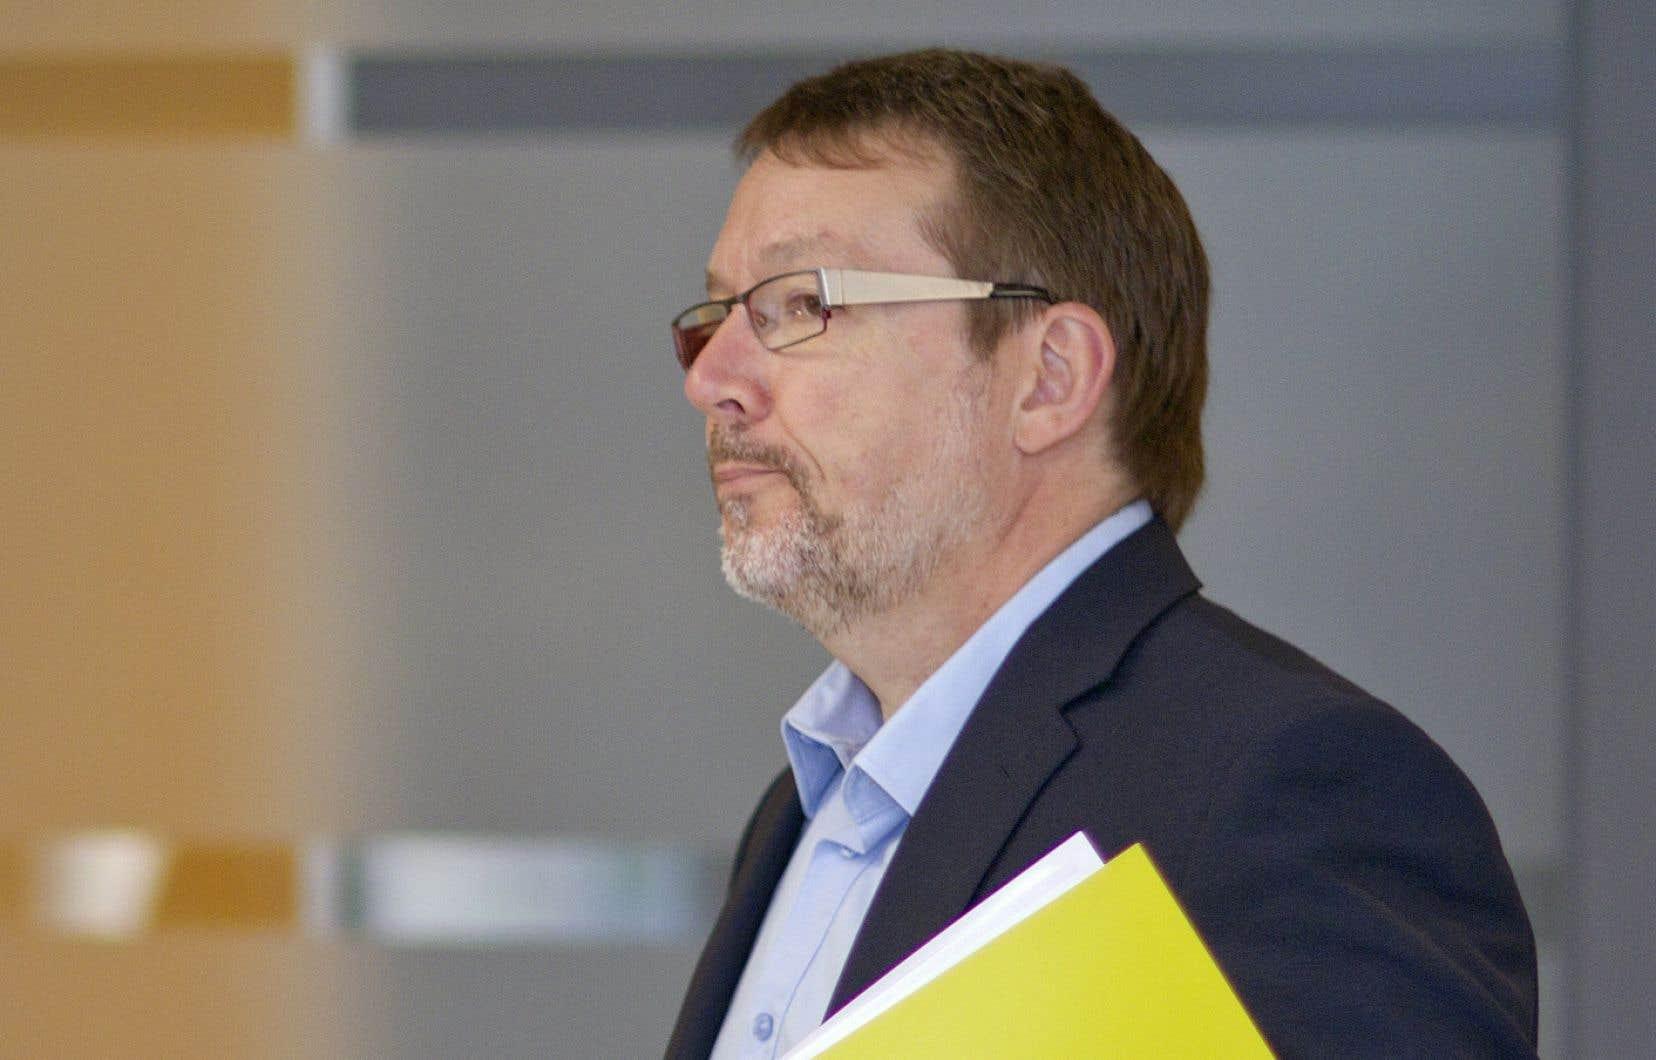 Les faits qui sont reprochés au fondateur et ancien directeur de l'INM remontent à l'été 2008 et se seraient produits dans la ville de Québec.